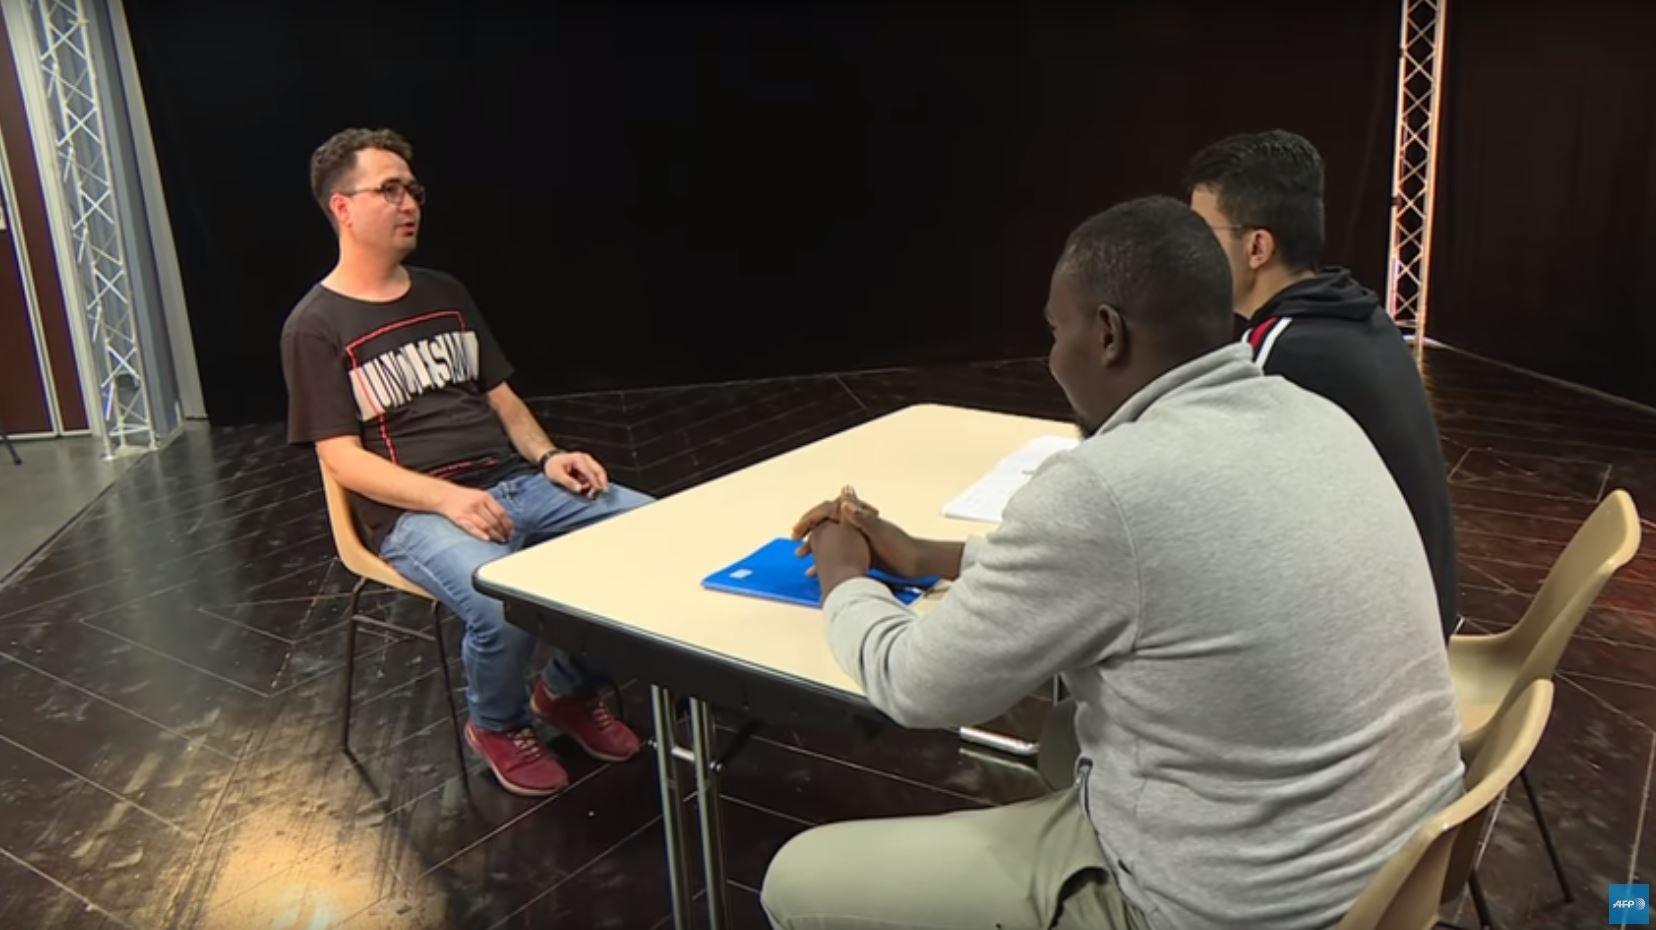 Le théâtre pour apprendre les codes de l'entretien d'embauche - Images AFP